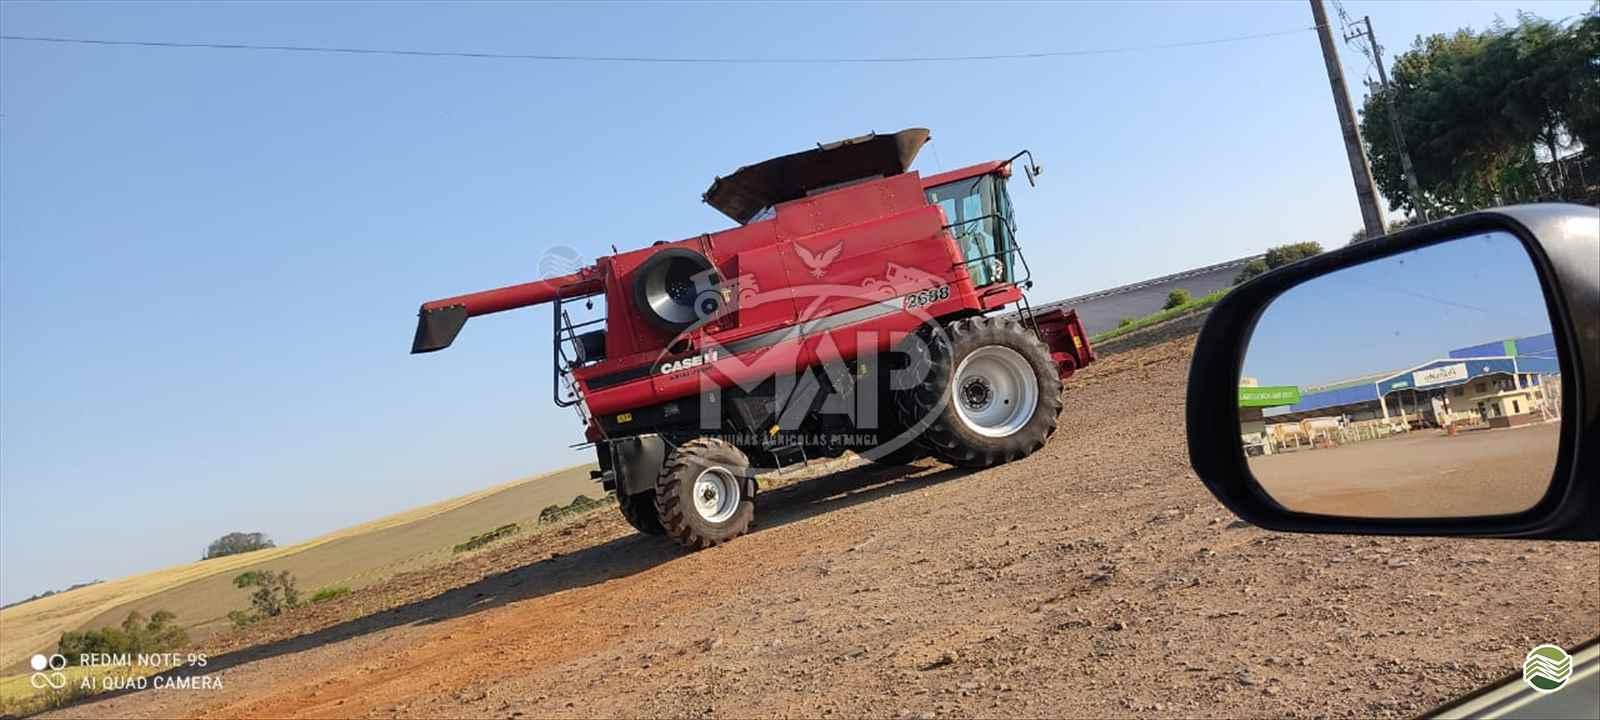 COLHEITADEIRA CASE CASE 2688 Máquinas Agrícolas Pitanga PITANGA PARANÁ PR